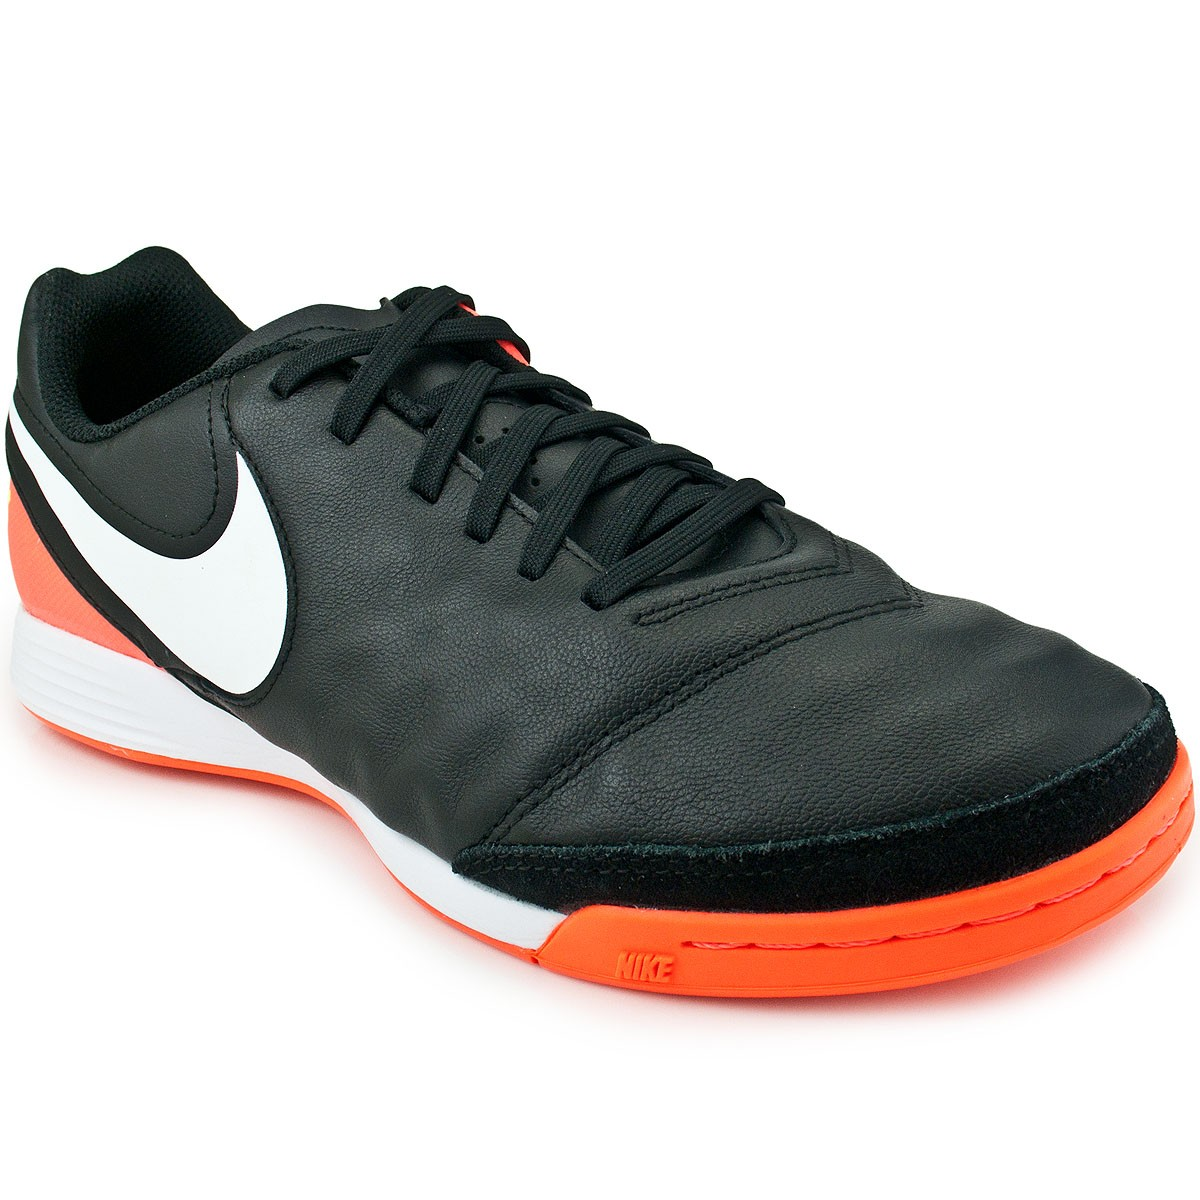 d3690f5ec5 Chuteira Nike Tiempo Genio II Leather IC